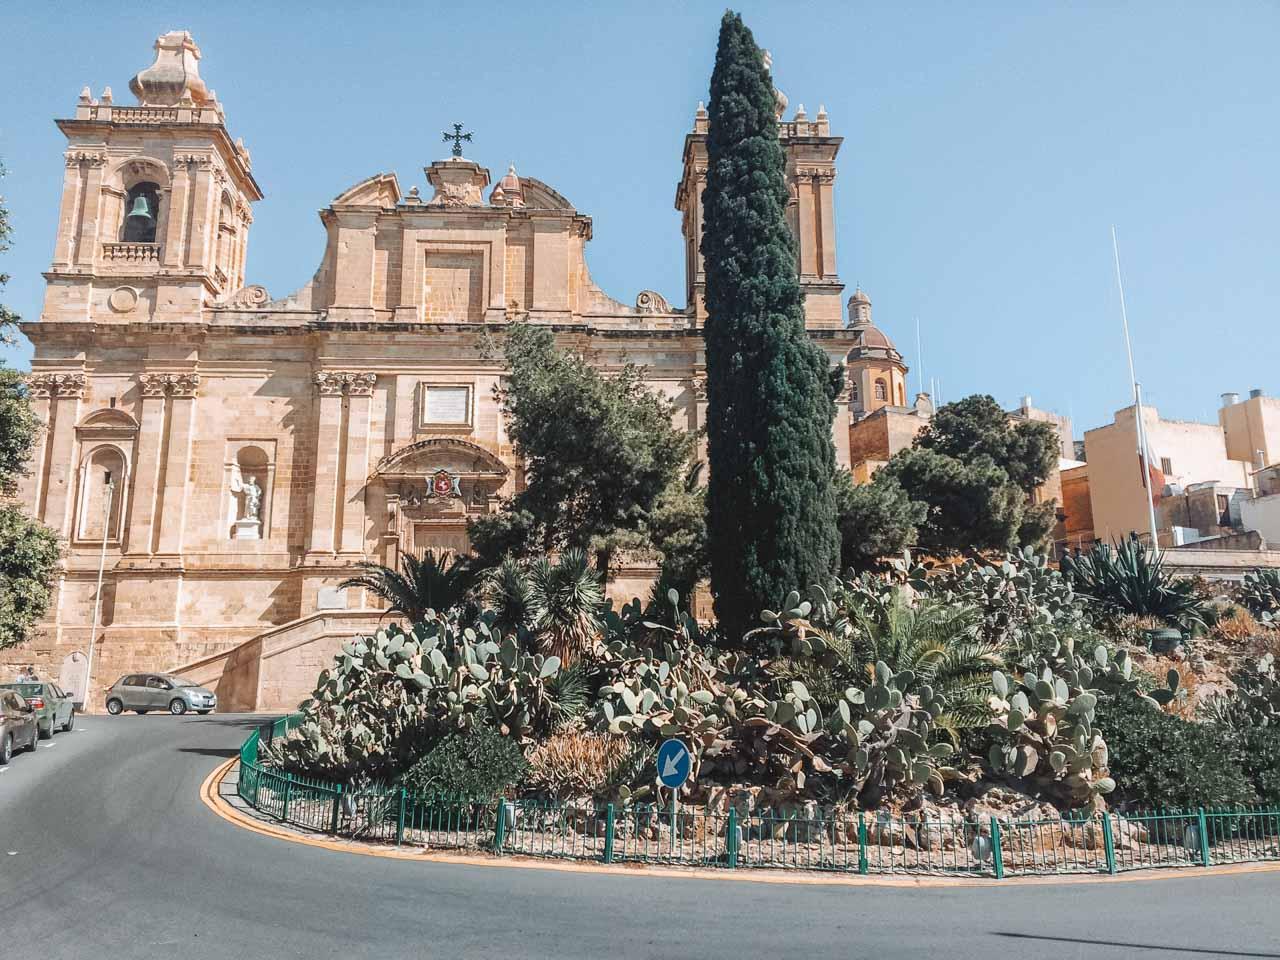 A church in Birgu / Vittoriosa, Malta